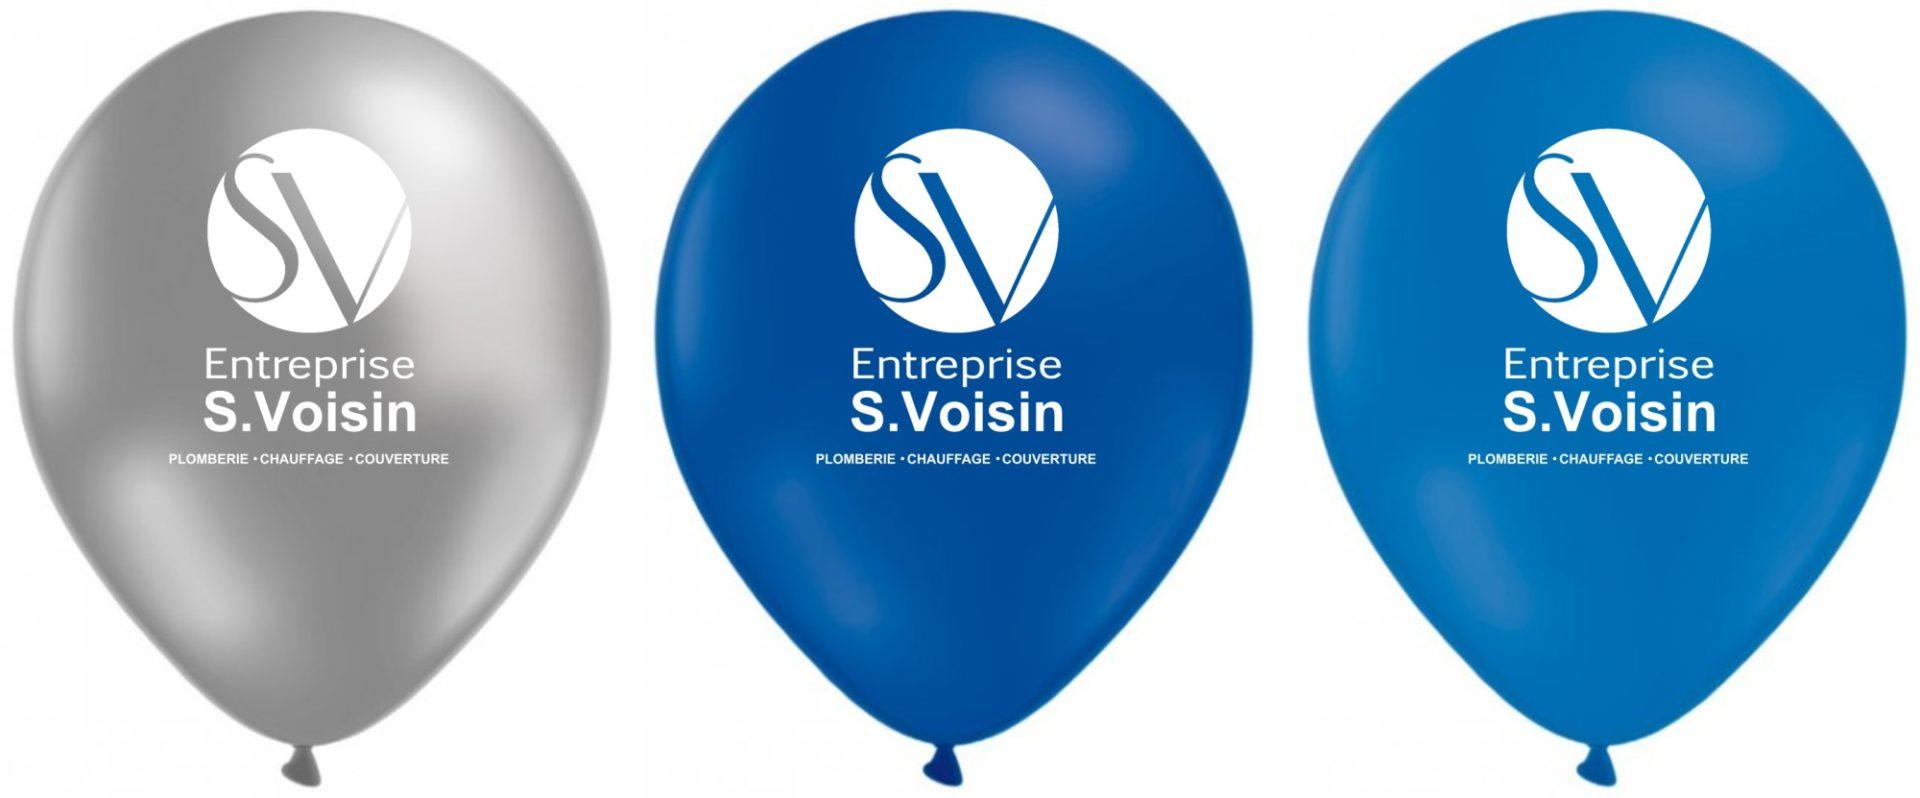 ballons-S-VOISIN